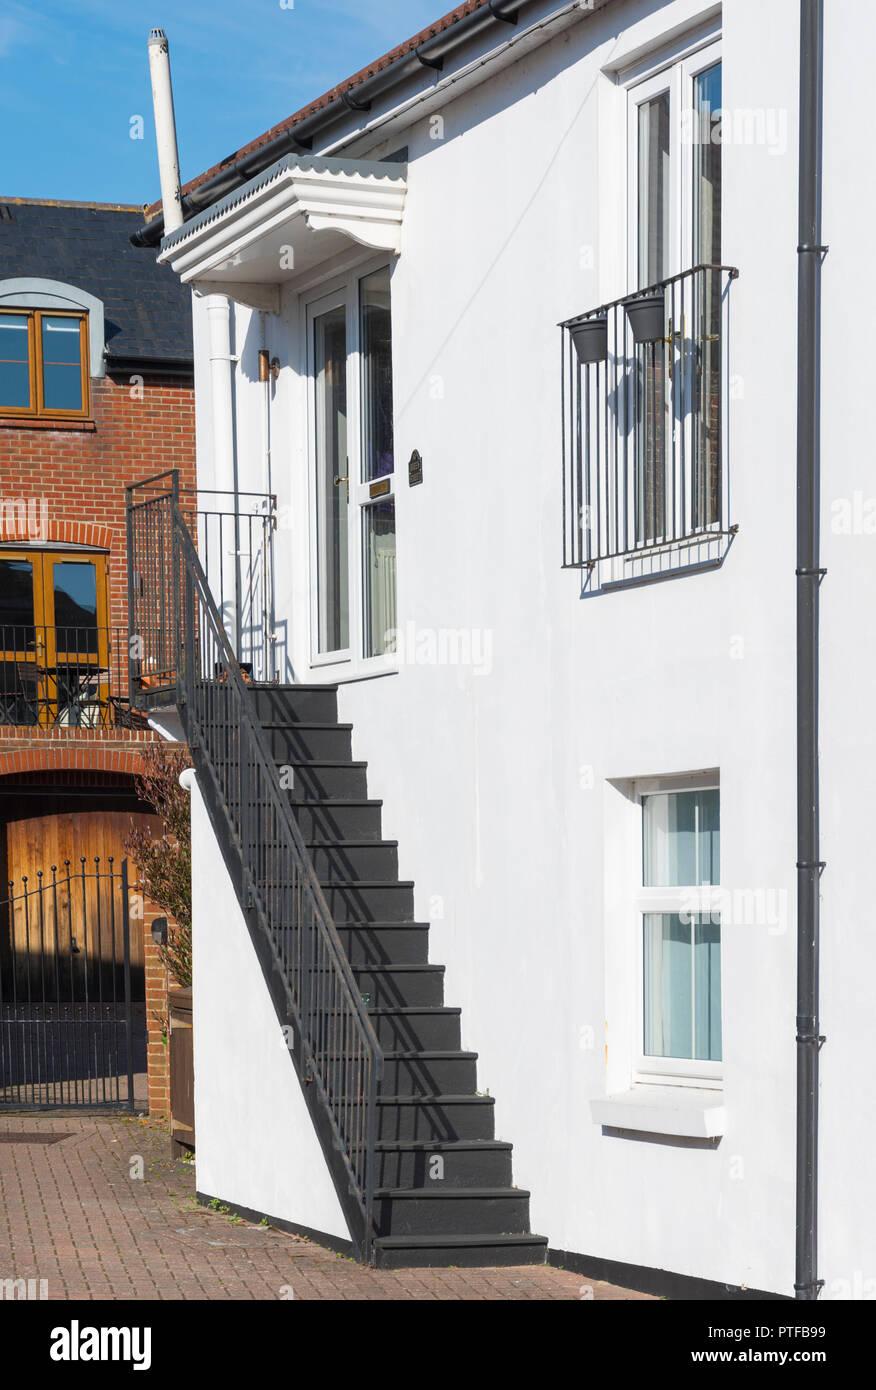 Escaliers à l'autre porte d'entrée d'une maison à Romsey, Hampshire, England, UK. Photo Stock